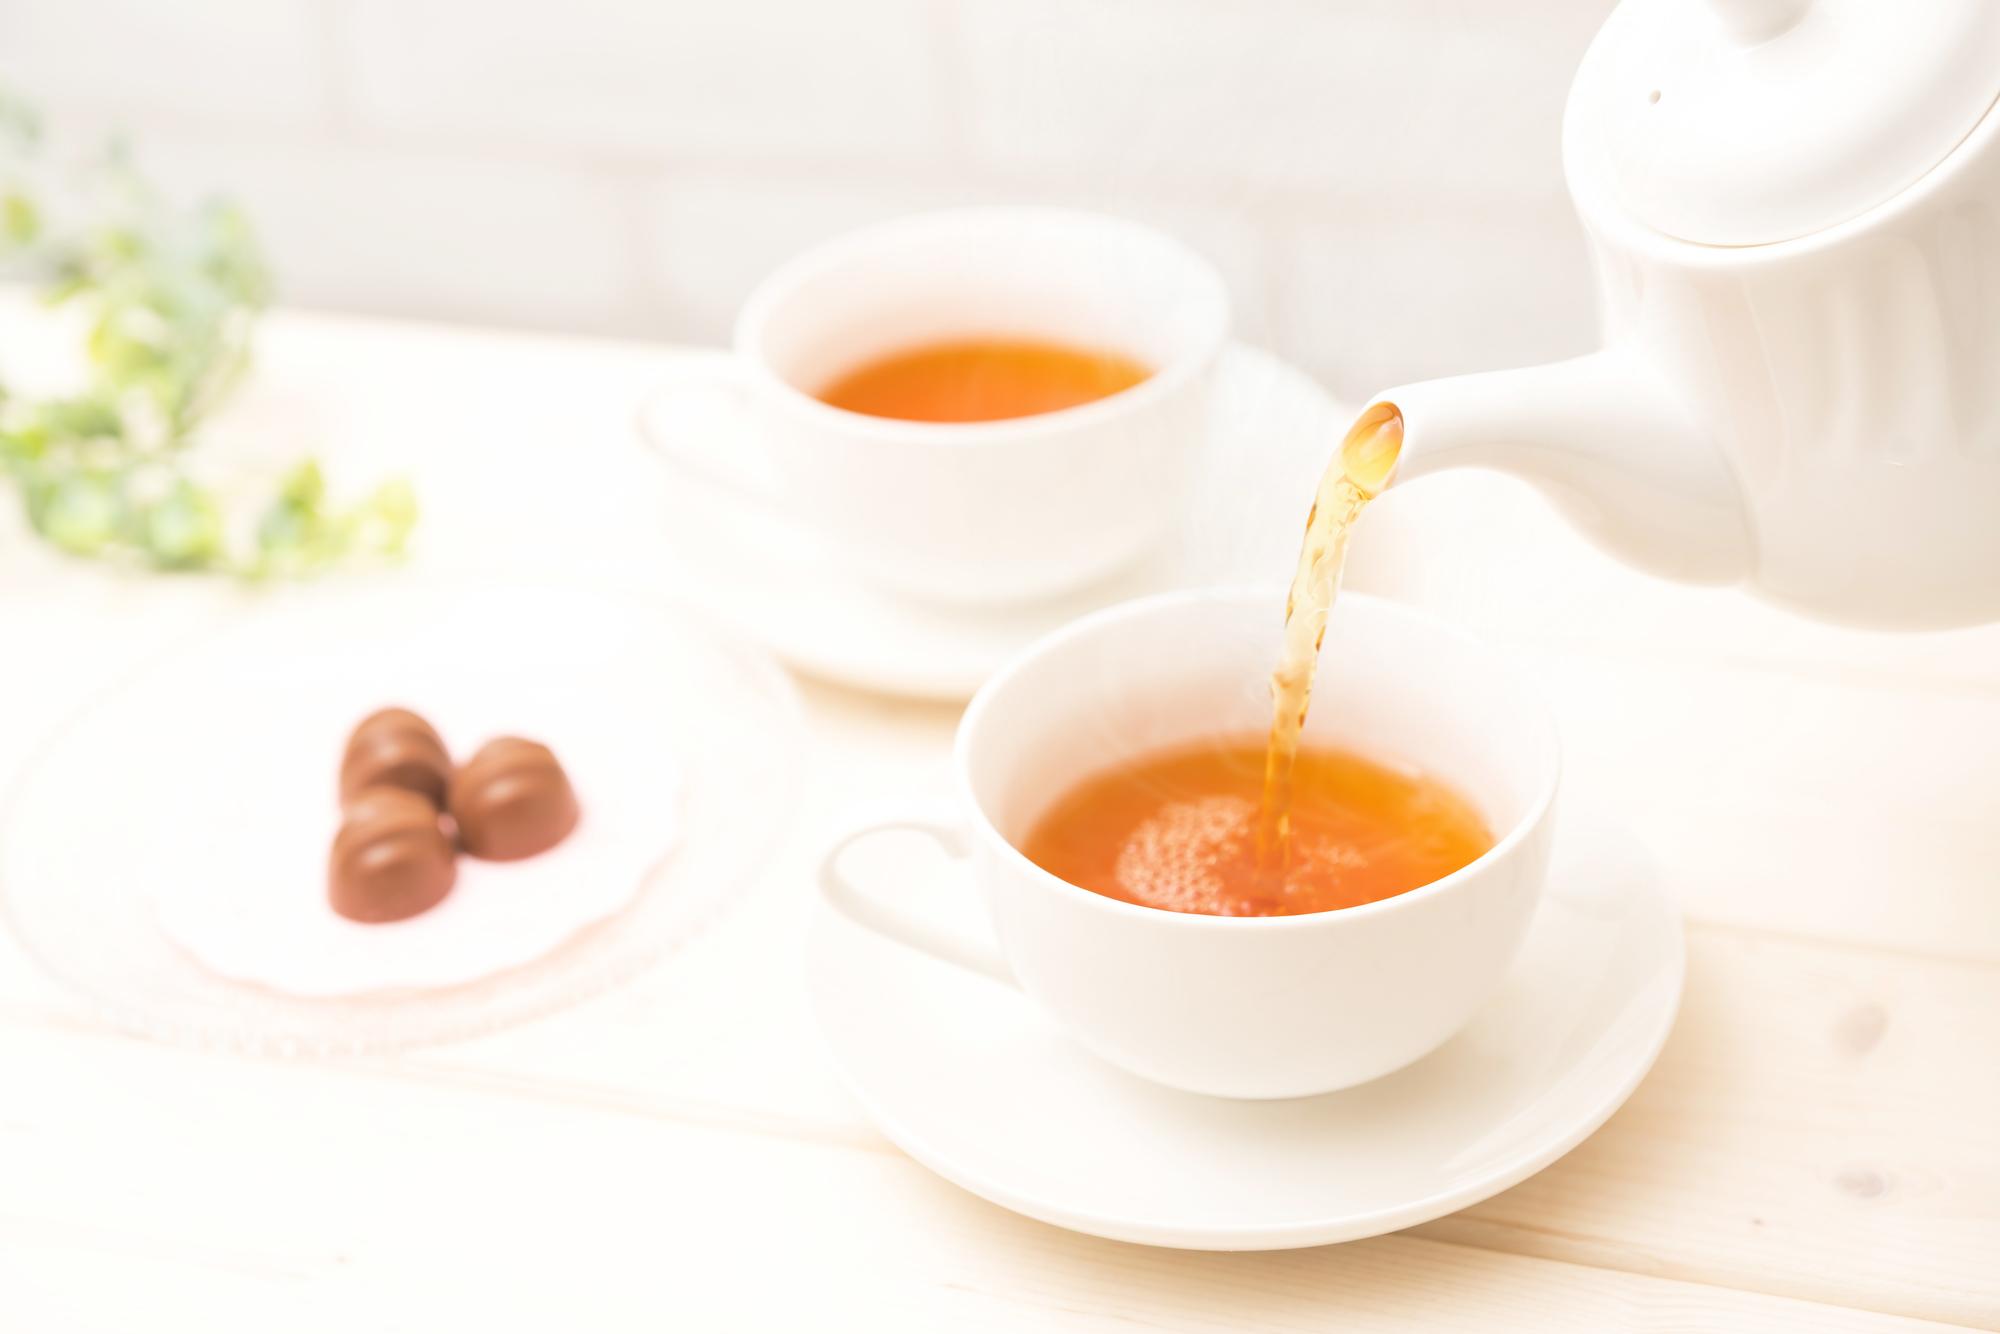 紅茶を飲むと、コミュ力が活性化! 医師が解説する「脳の働き」